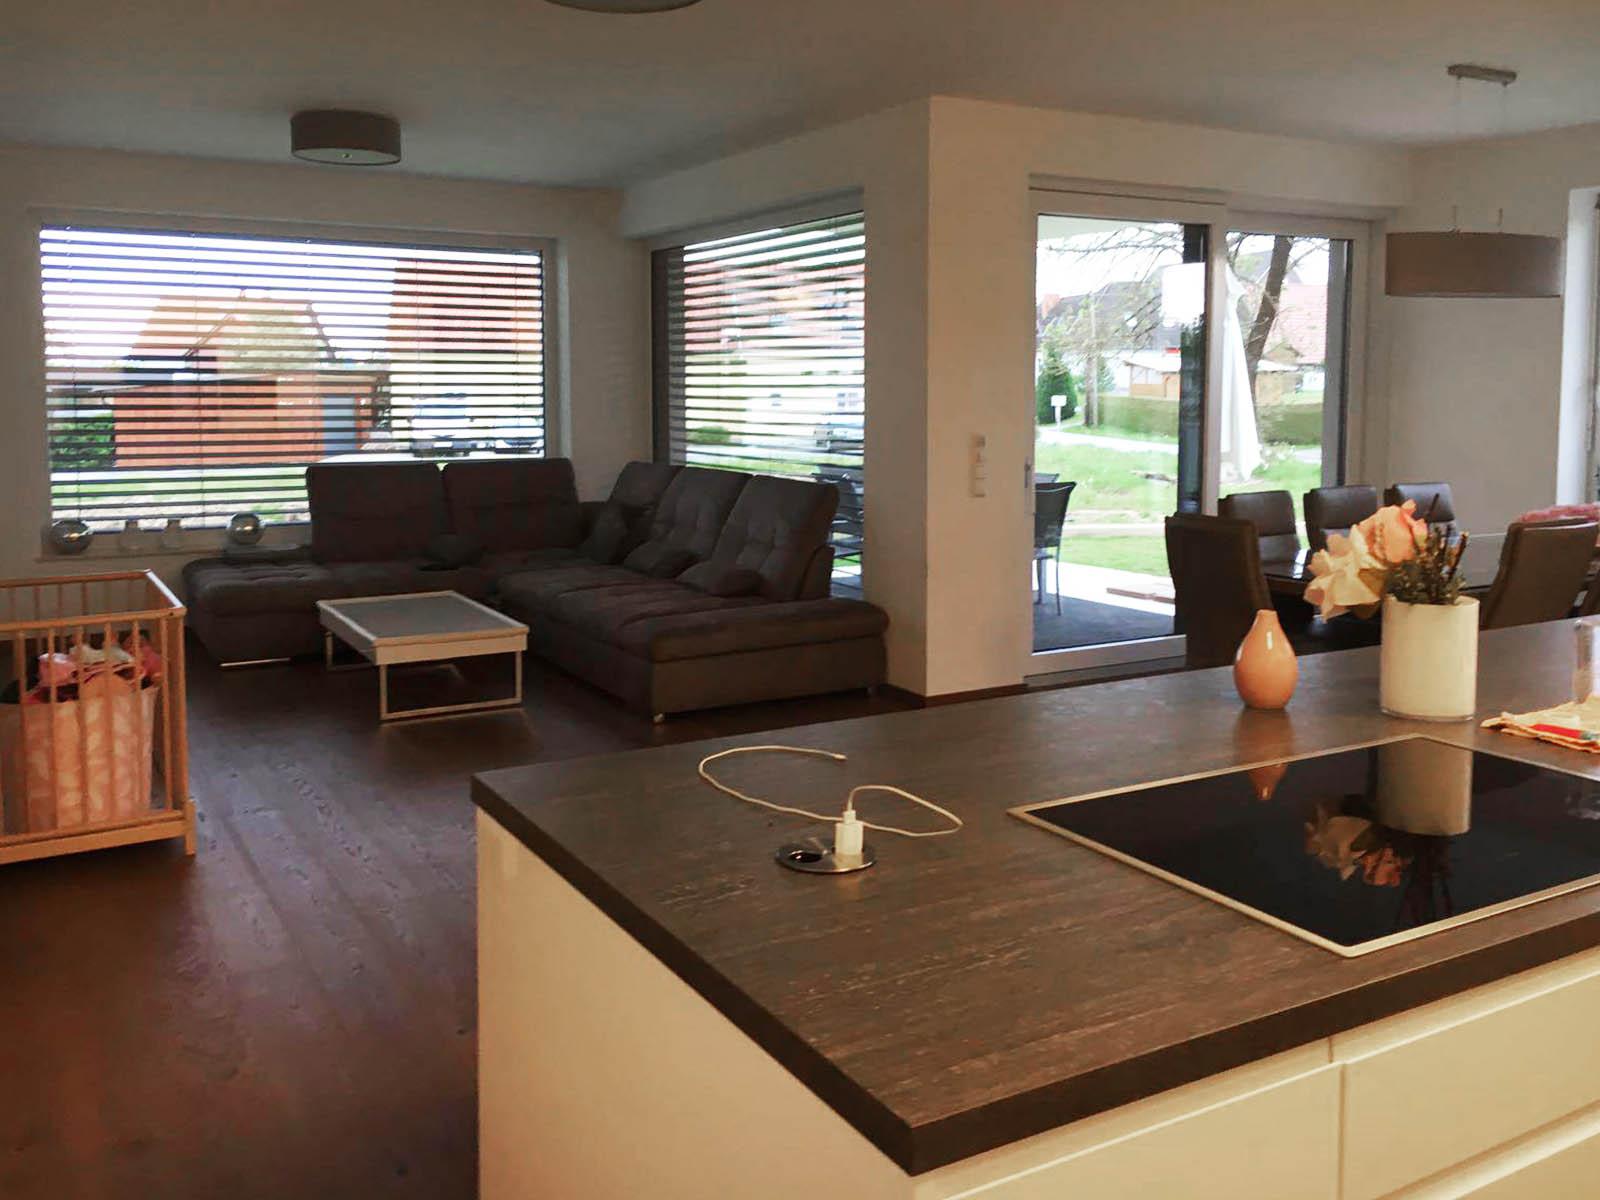 SIBau_interier_livingroom_02